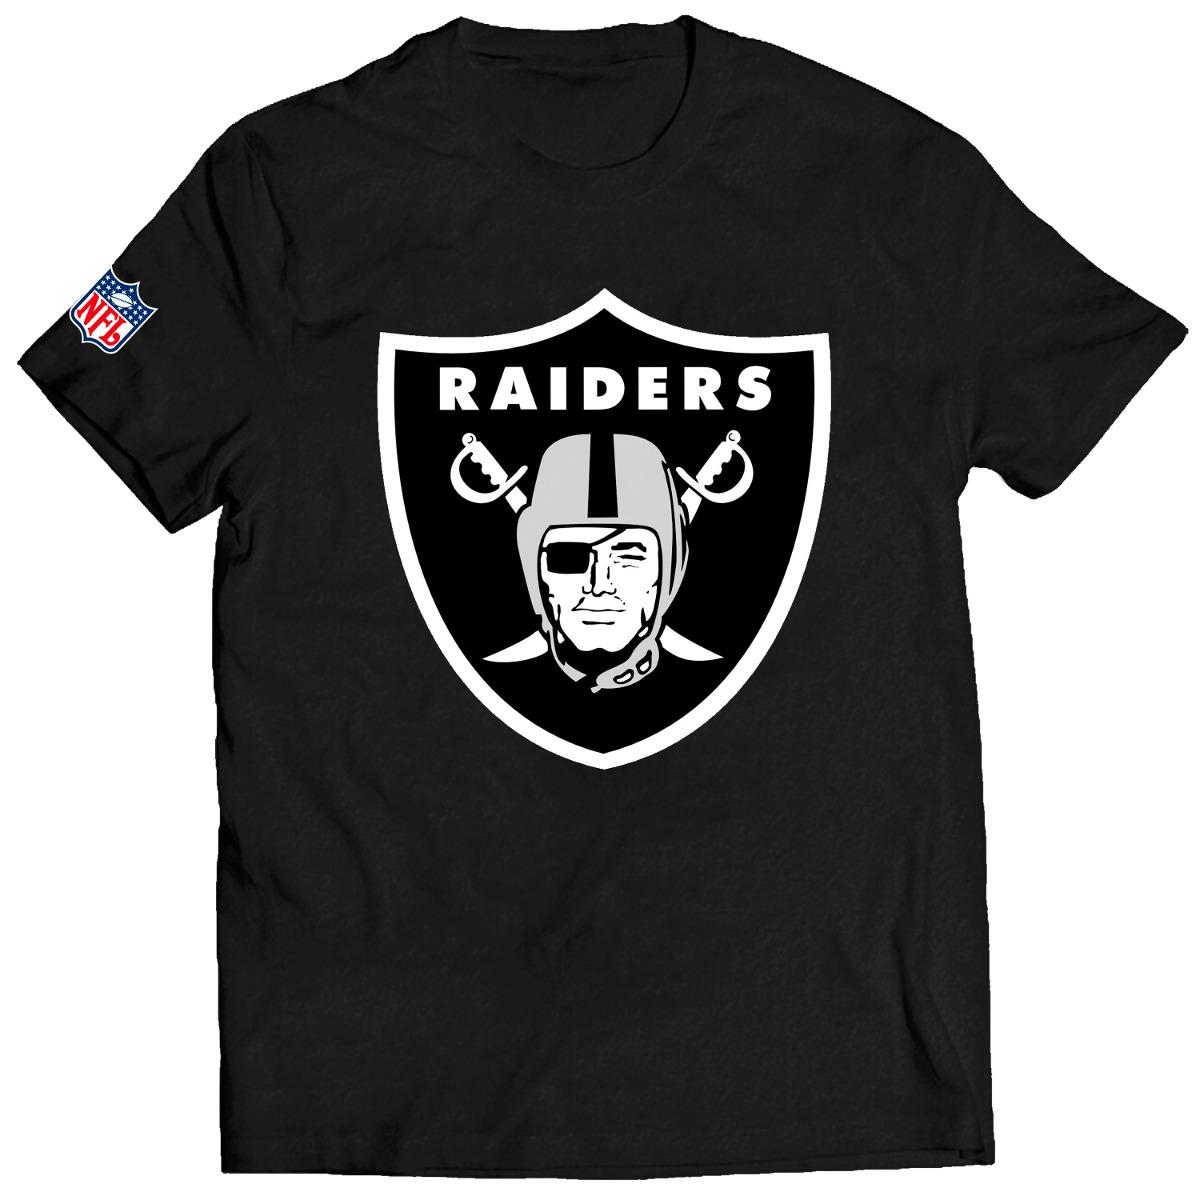 camisa camiseta caveira esporte futebol americano. Carregando zoom. 67a747dd02d99